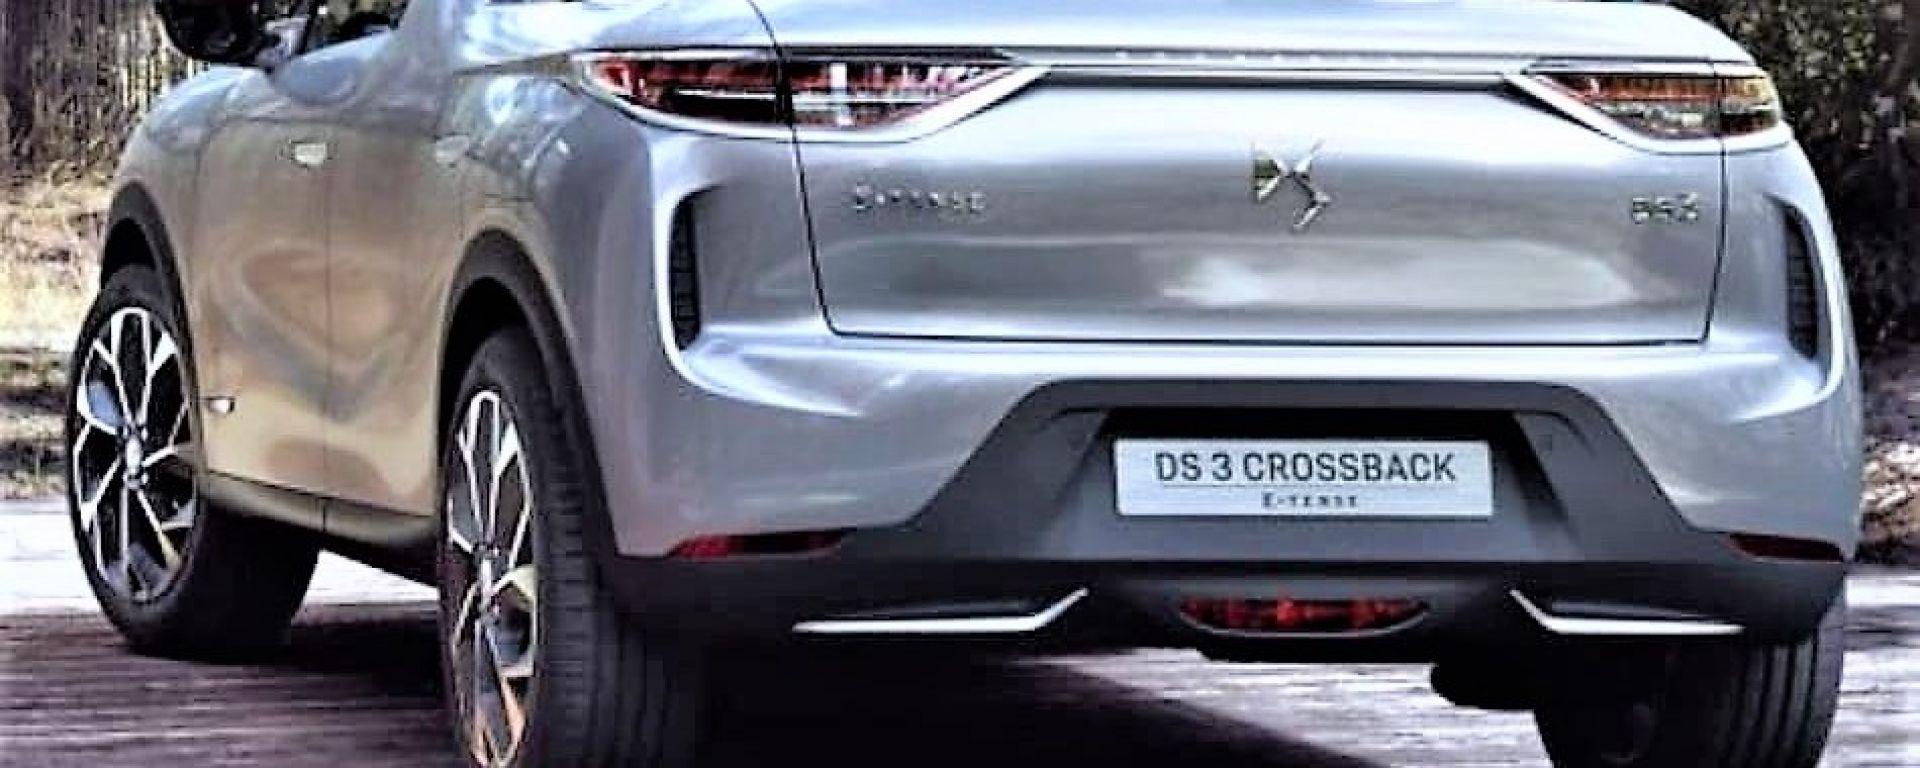 DS 3 Crossback: il posteriore